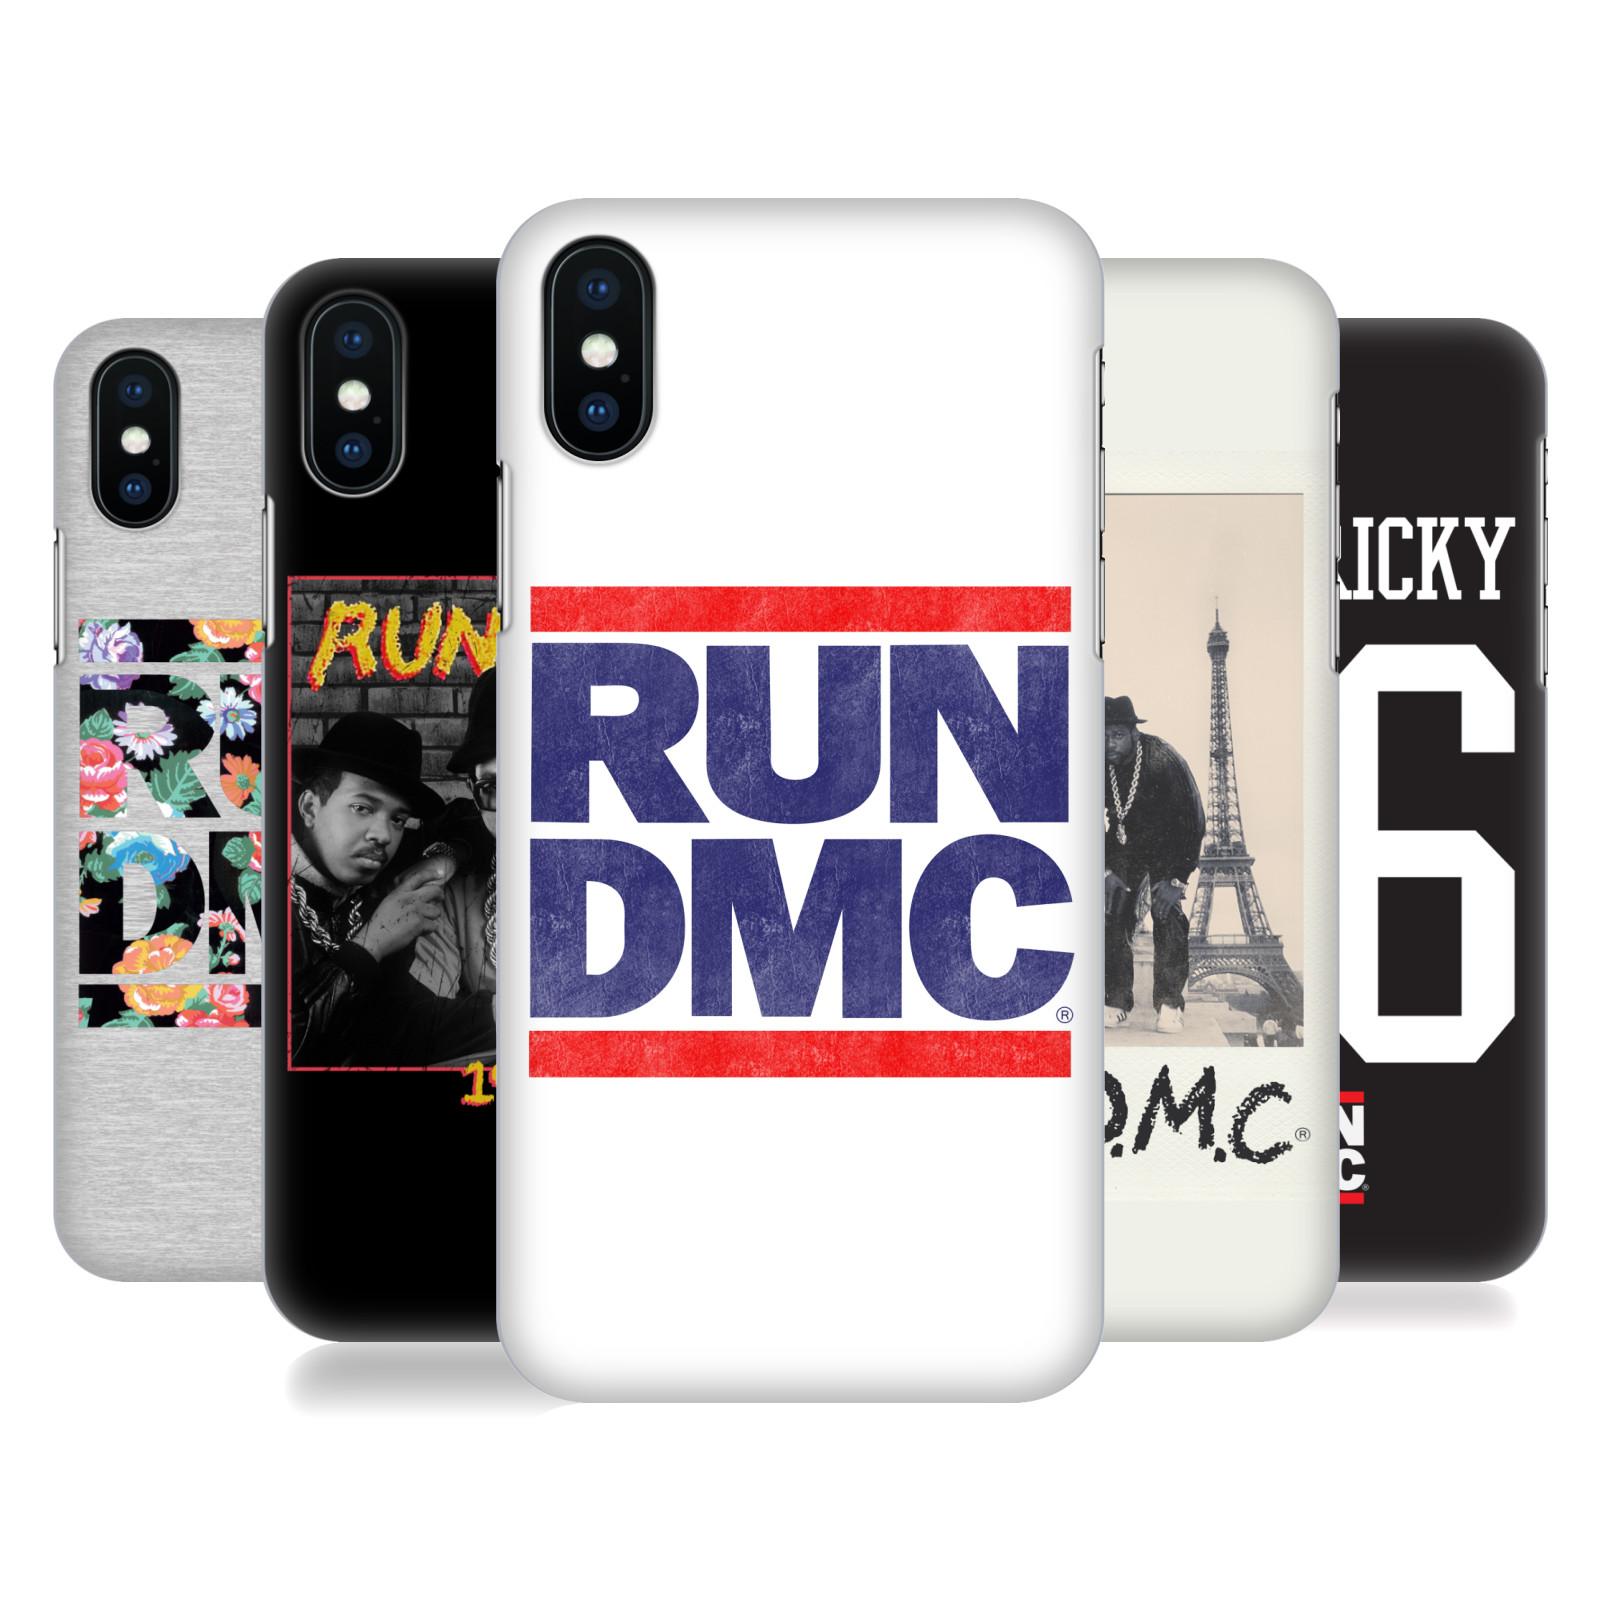 Run-D.M.C. Key Art